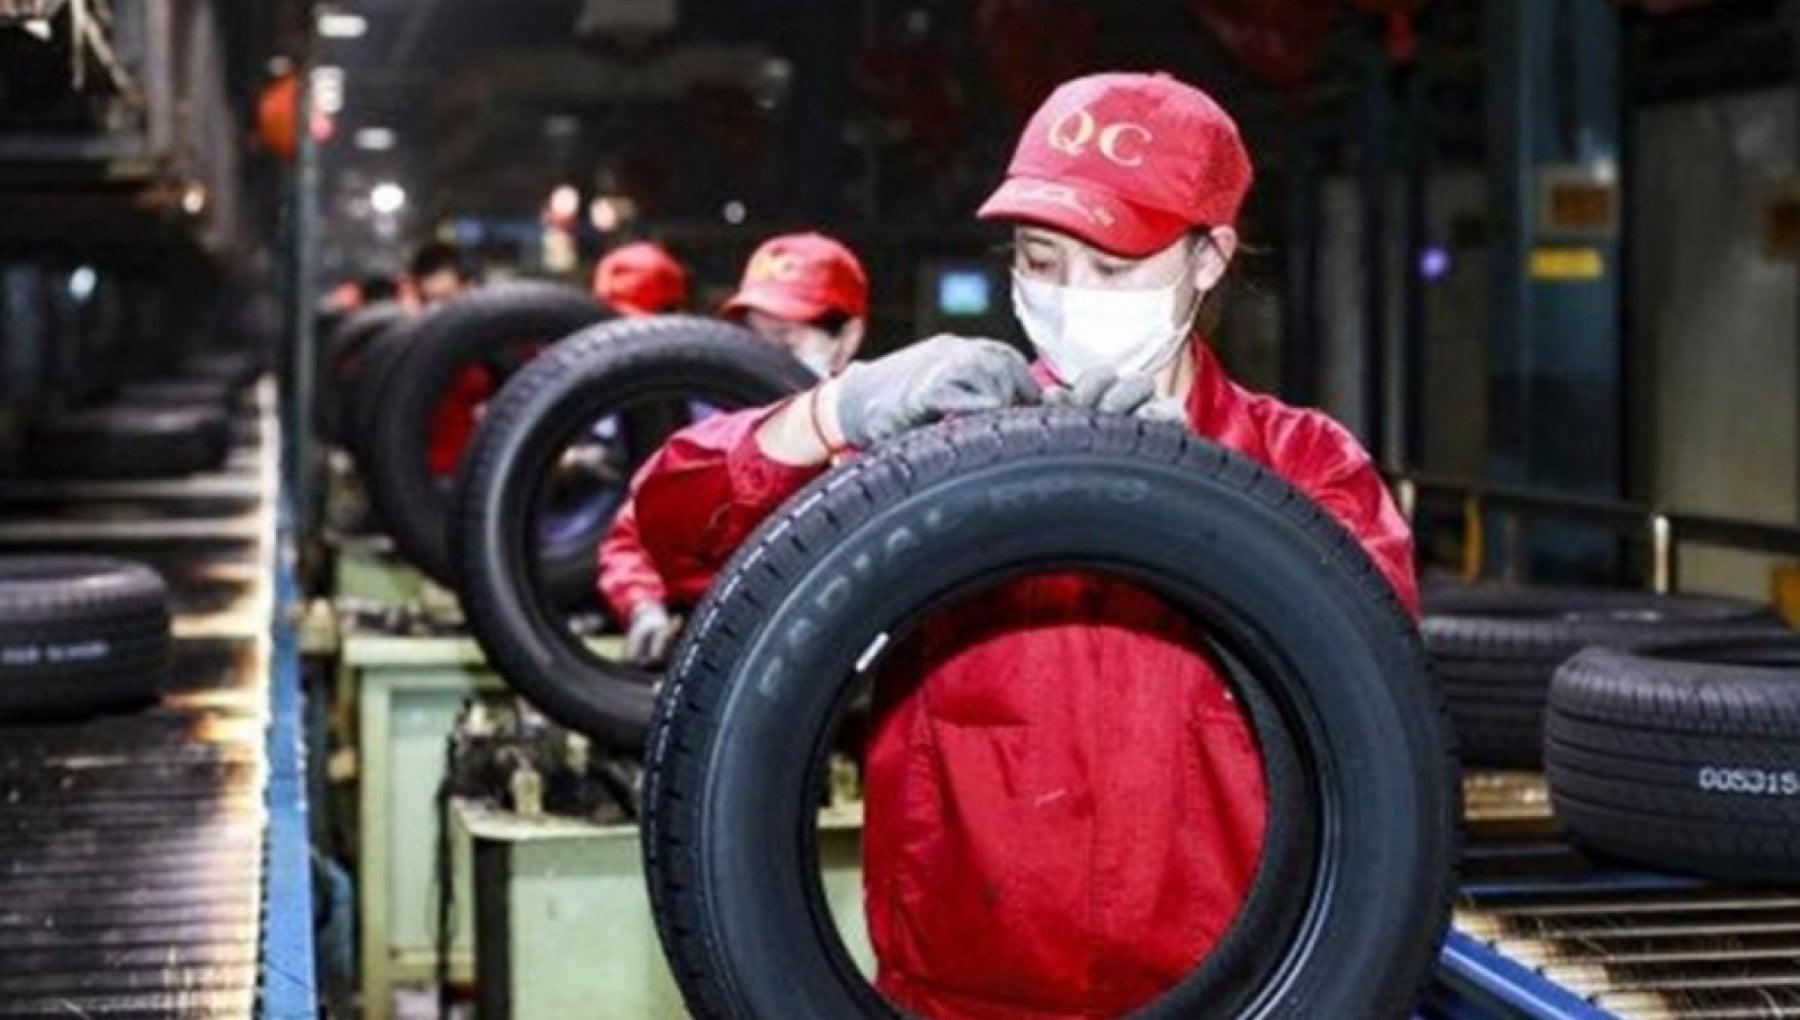 Cina tracce di coronavirus su ricambi auto